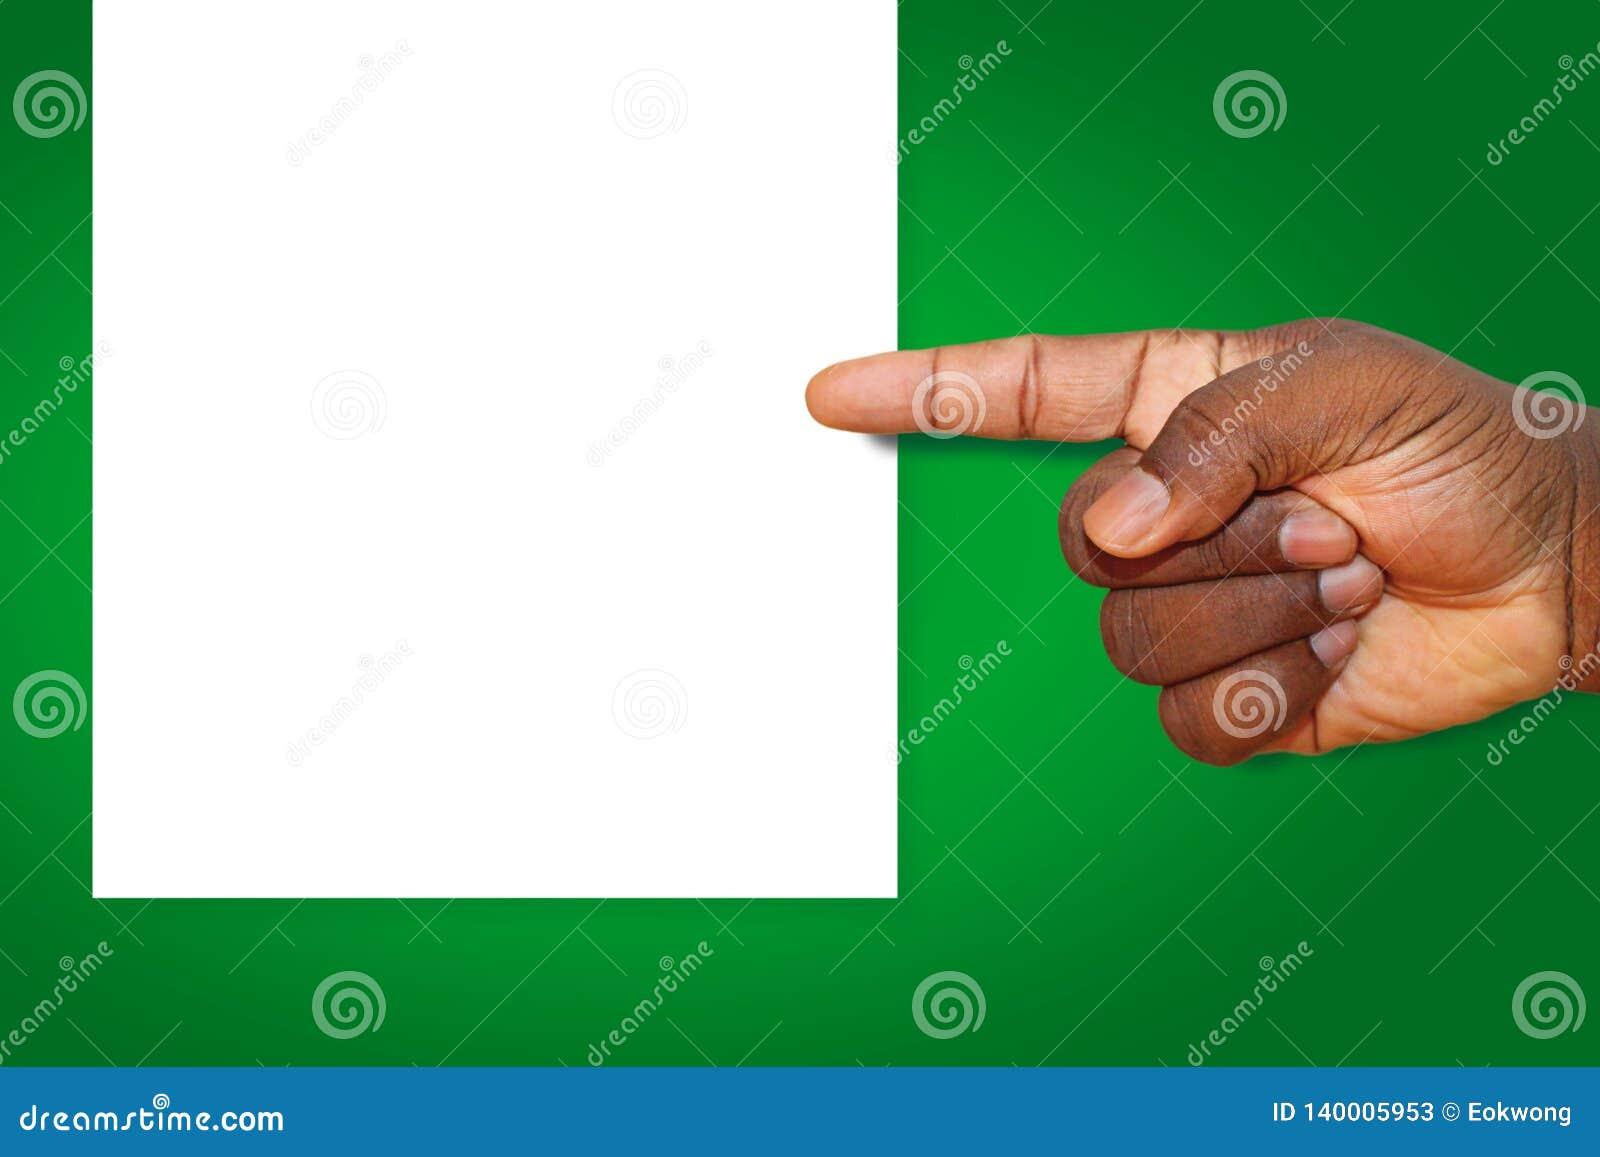 Afroamerikaner, schwarzer Mann-Hand links auf ein leeres Blatt Papier zeigend